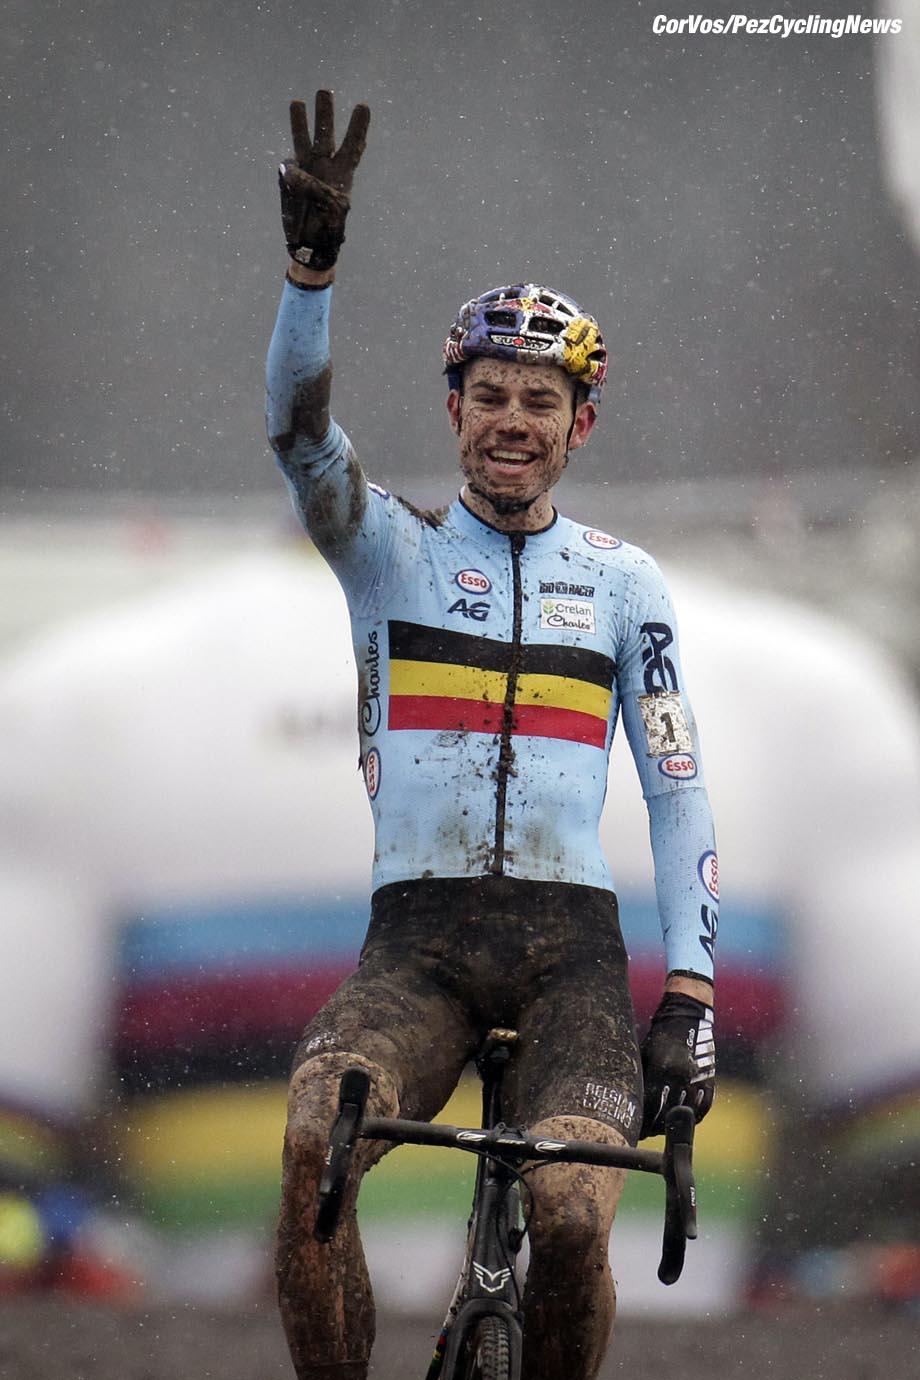 Valkenburg - Netherlands - wielrennen - cycling - cyclisme - radsport - Wout van Aert (BEL) pictured during the World Championships Cyclocross for elite men in Valkenburg, Netherlands - photo Davy Rietbergen/Cor Vos © 2018